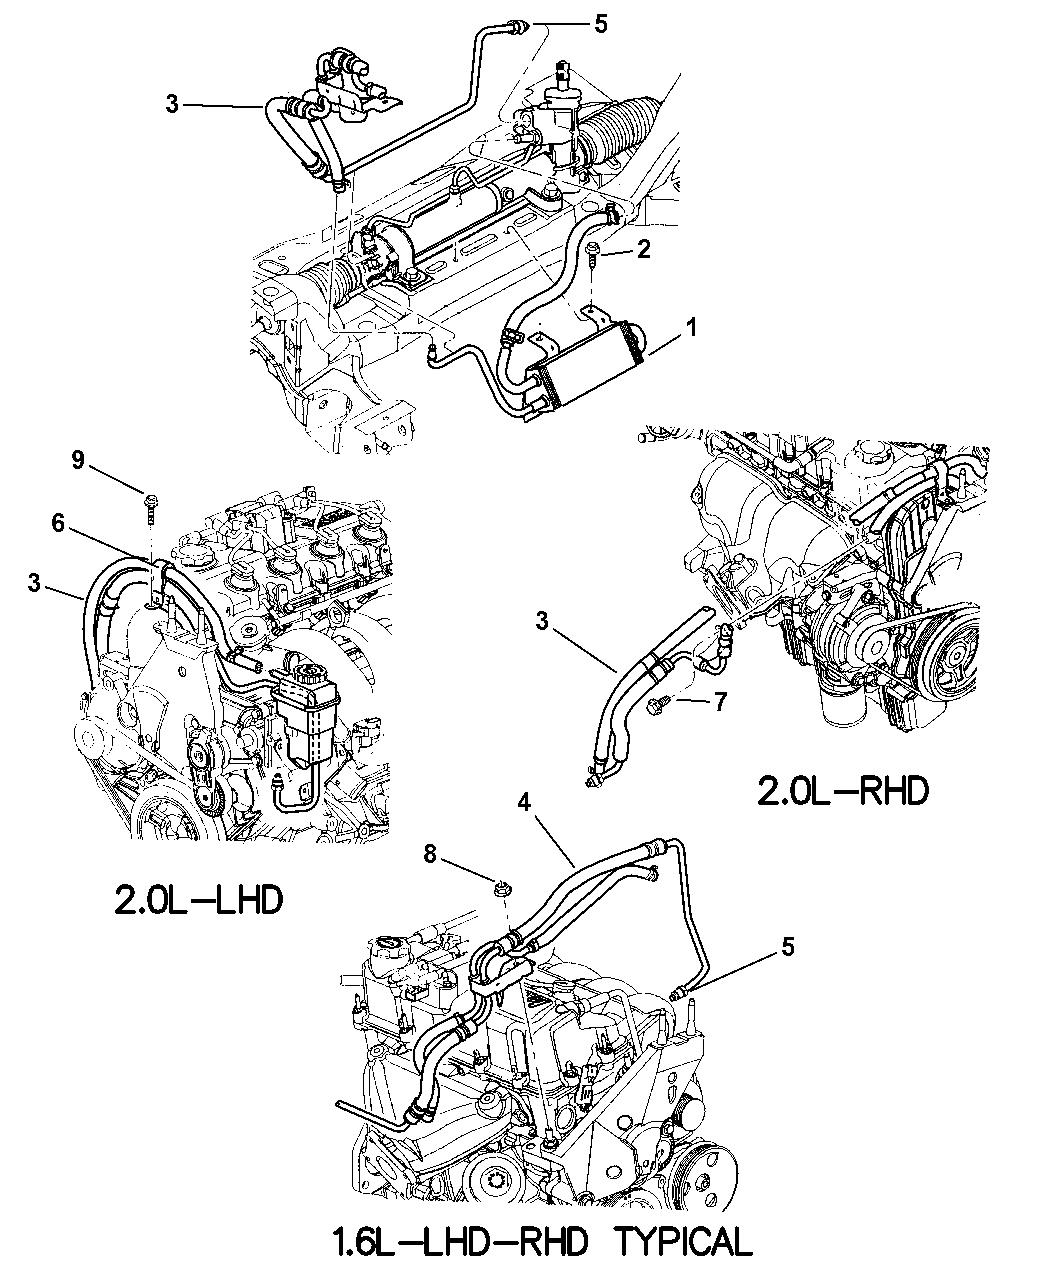 2001 Dodge Neon Power Steering Hoses Mopar Parts Giant